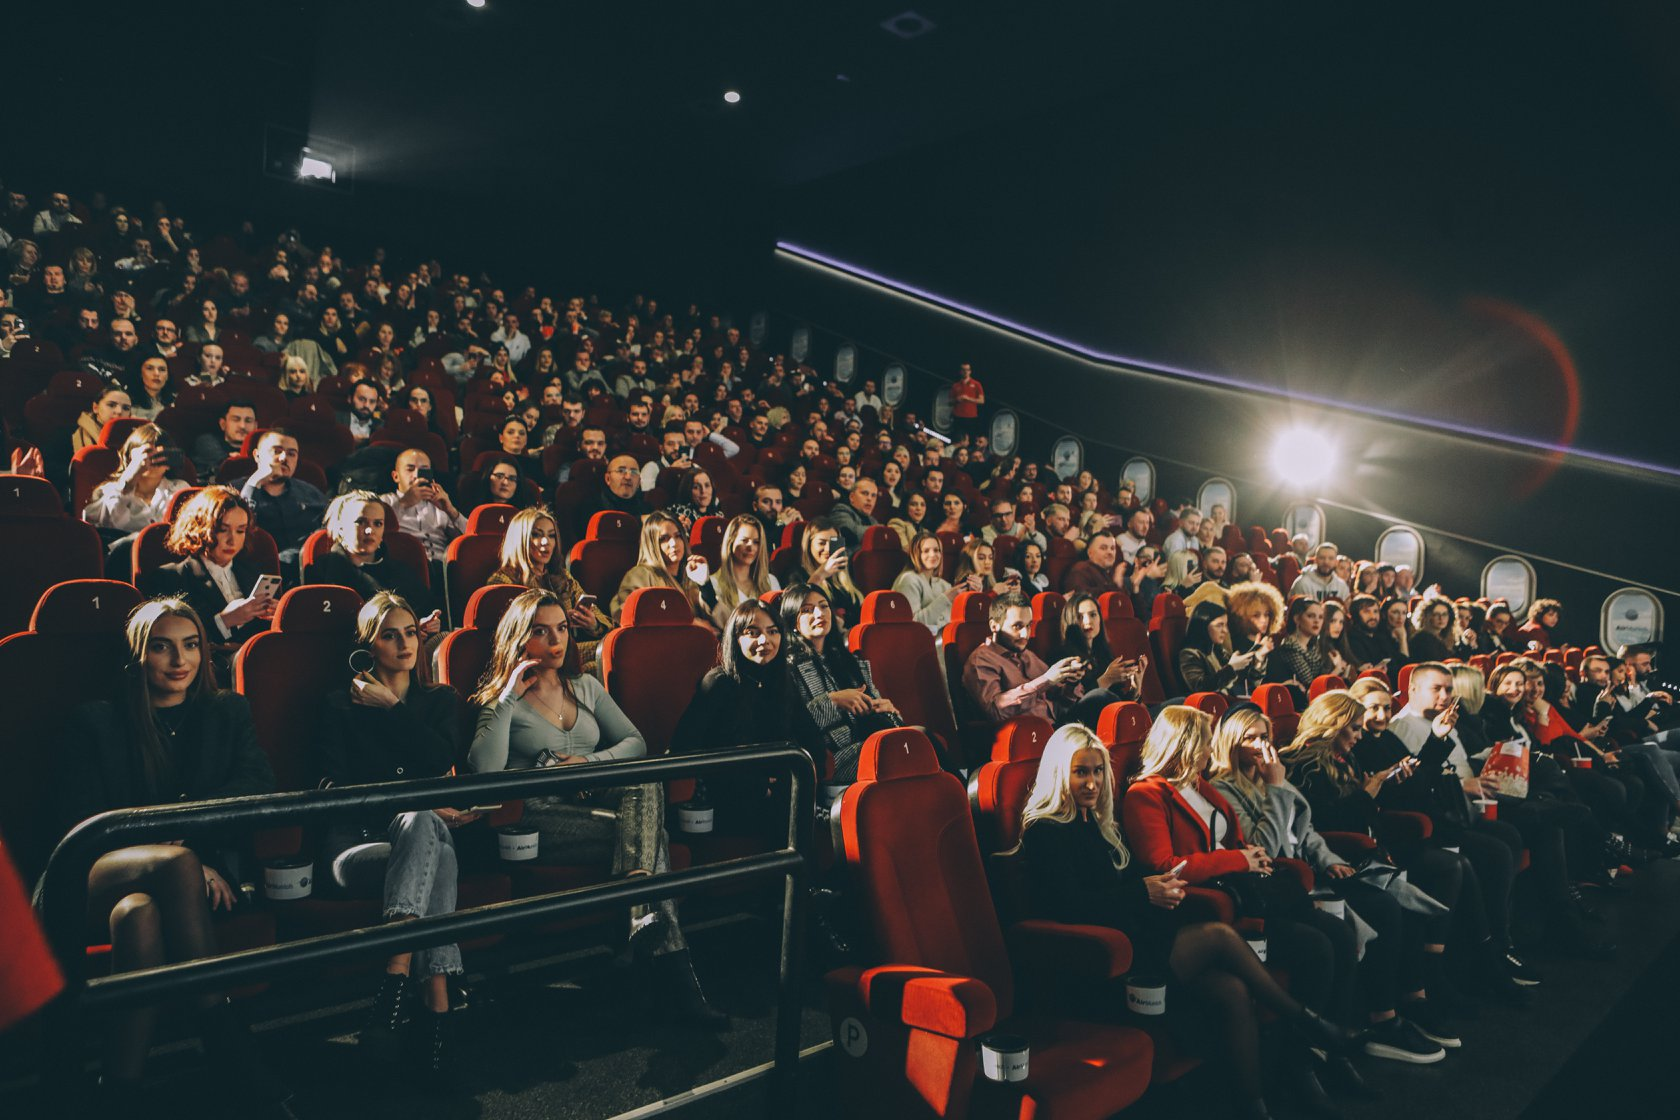 Këta janë super-filmat që mund t'i shikoni këtë fundjavë në Cineplexx